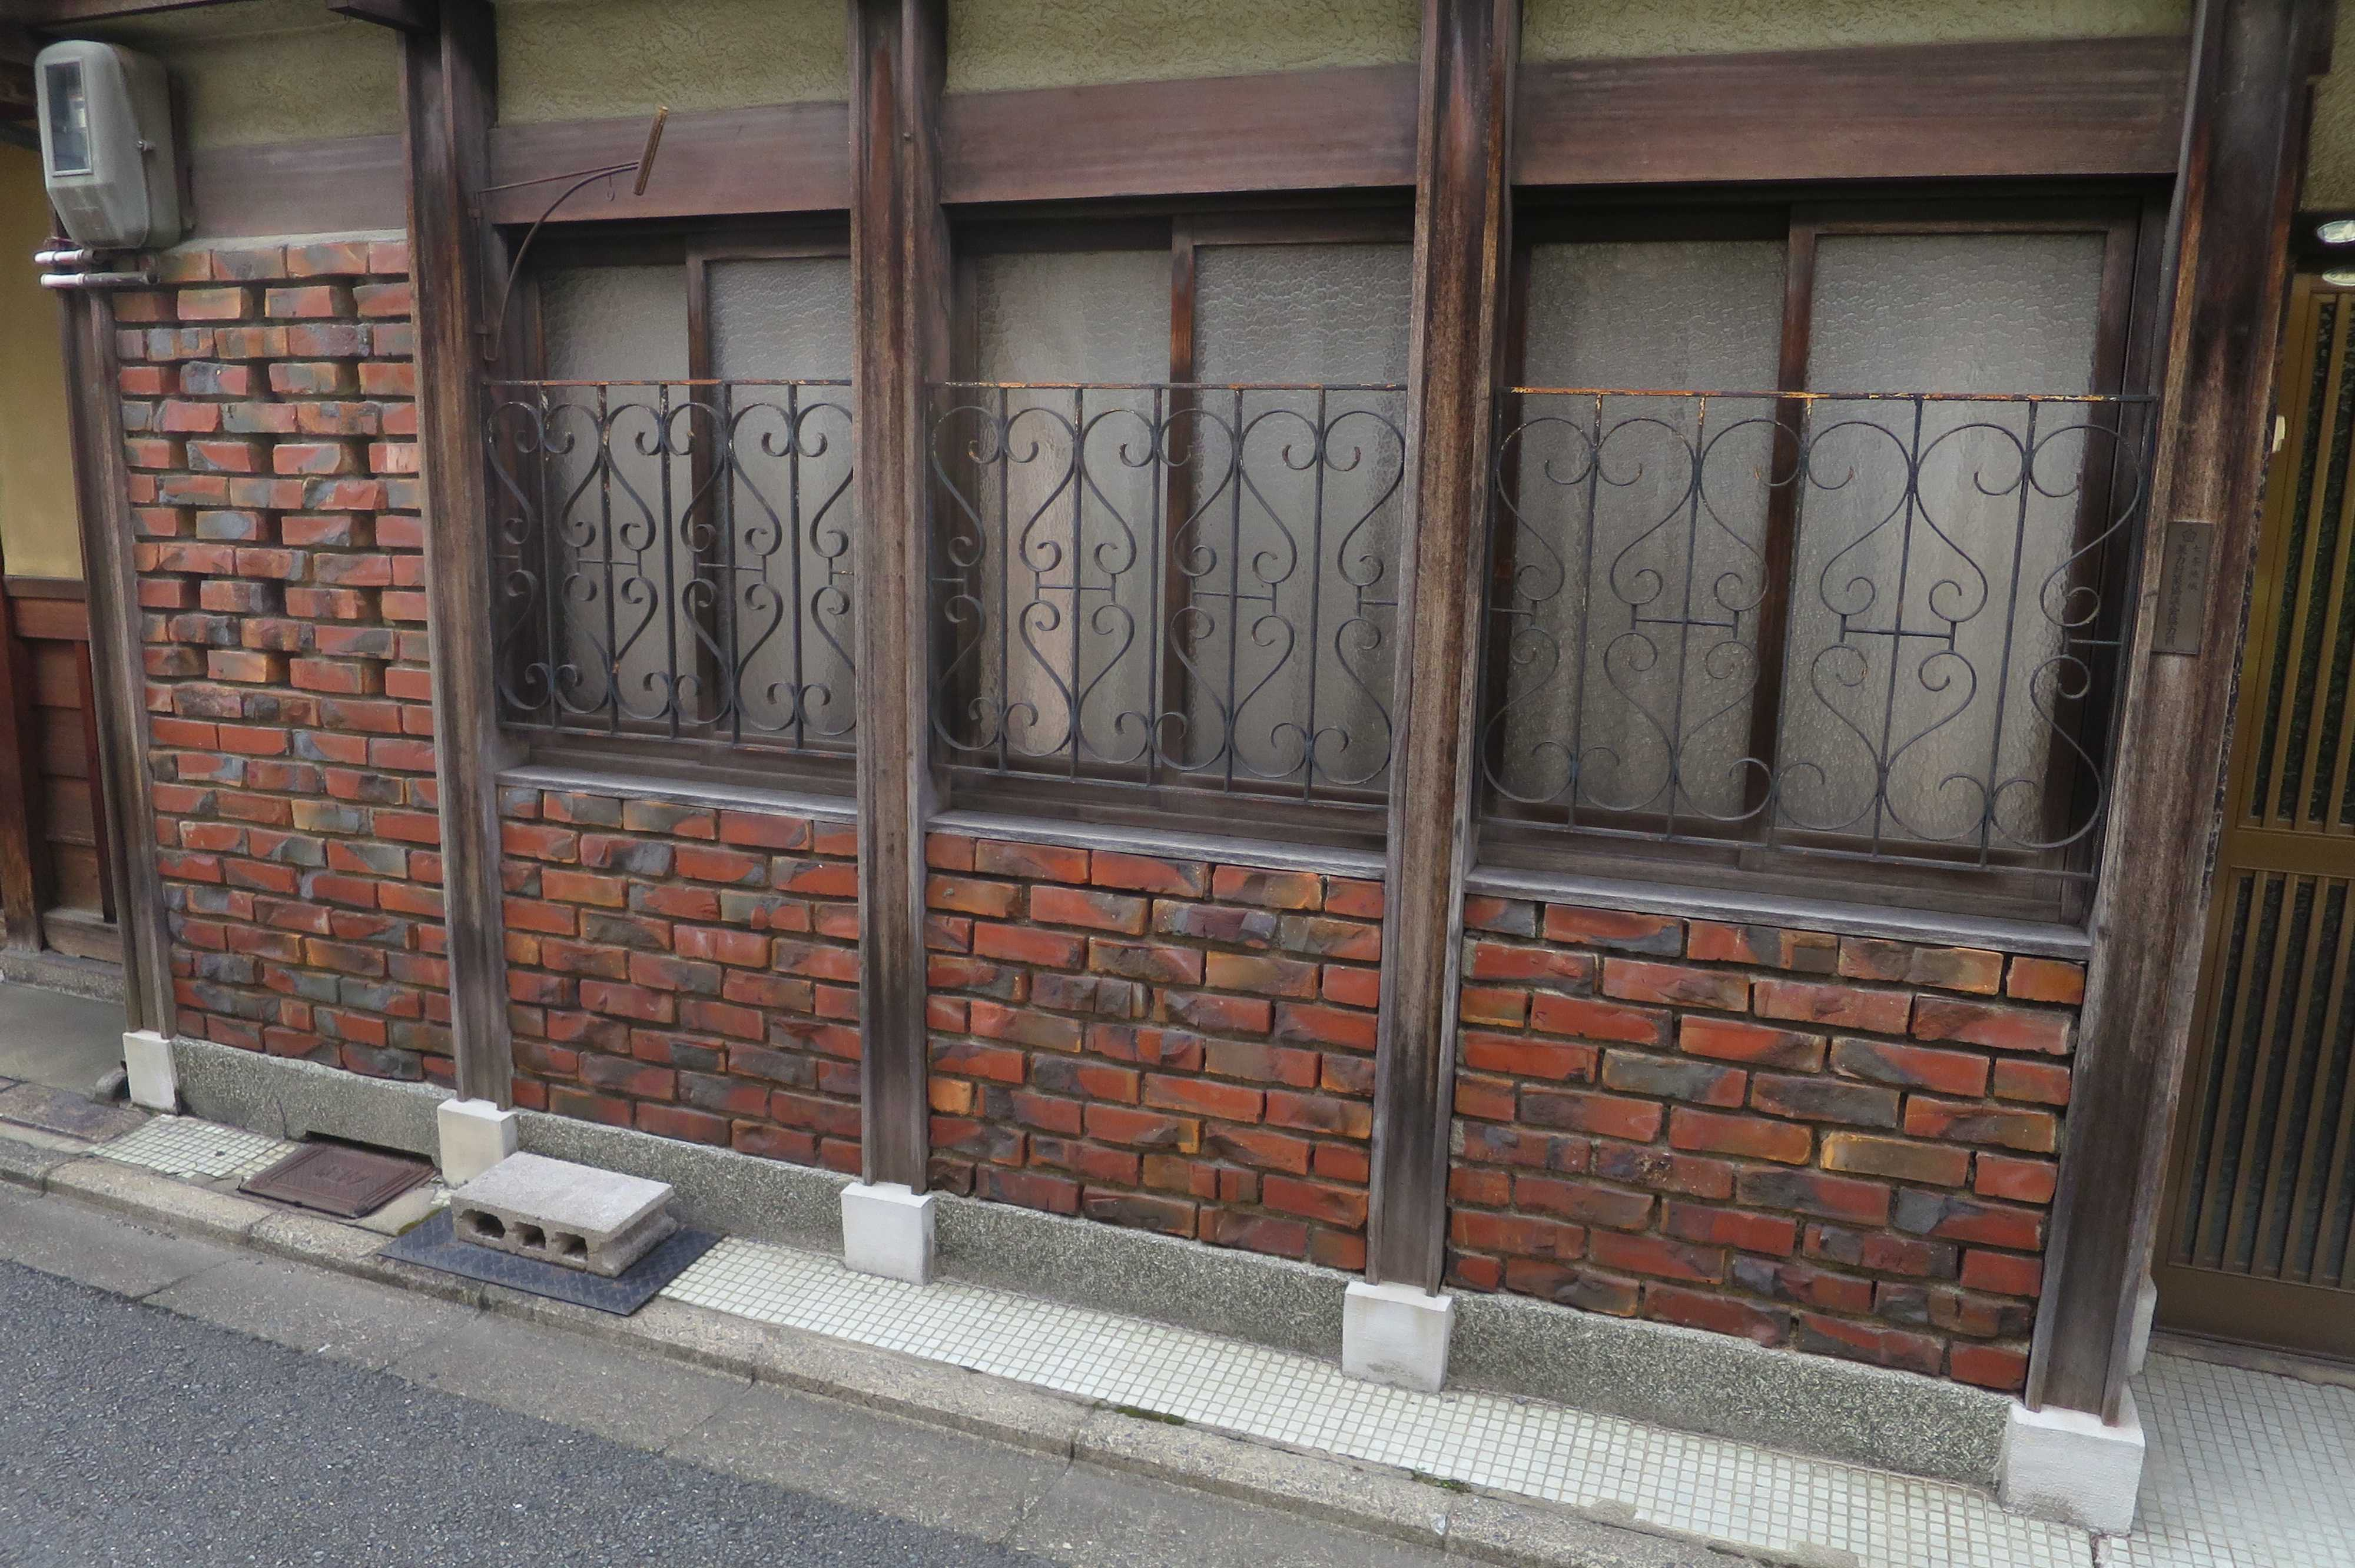 京都・五条楽園 - 面格子がレトロな赤レンガの家